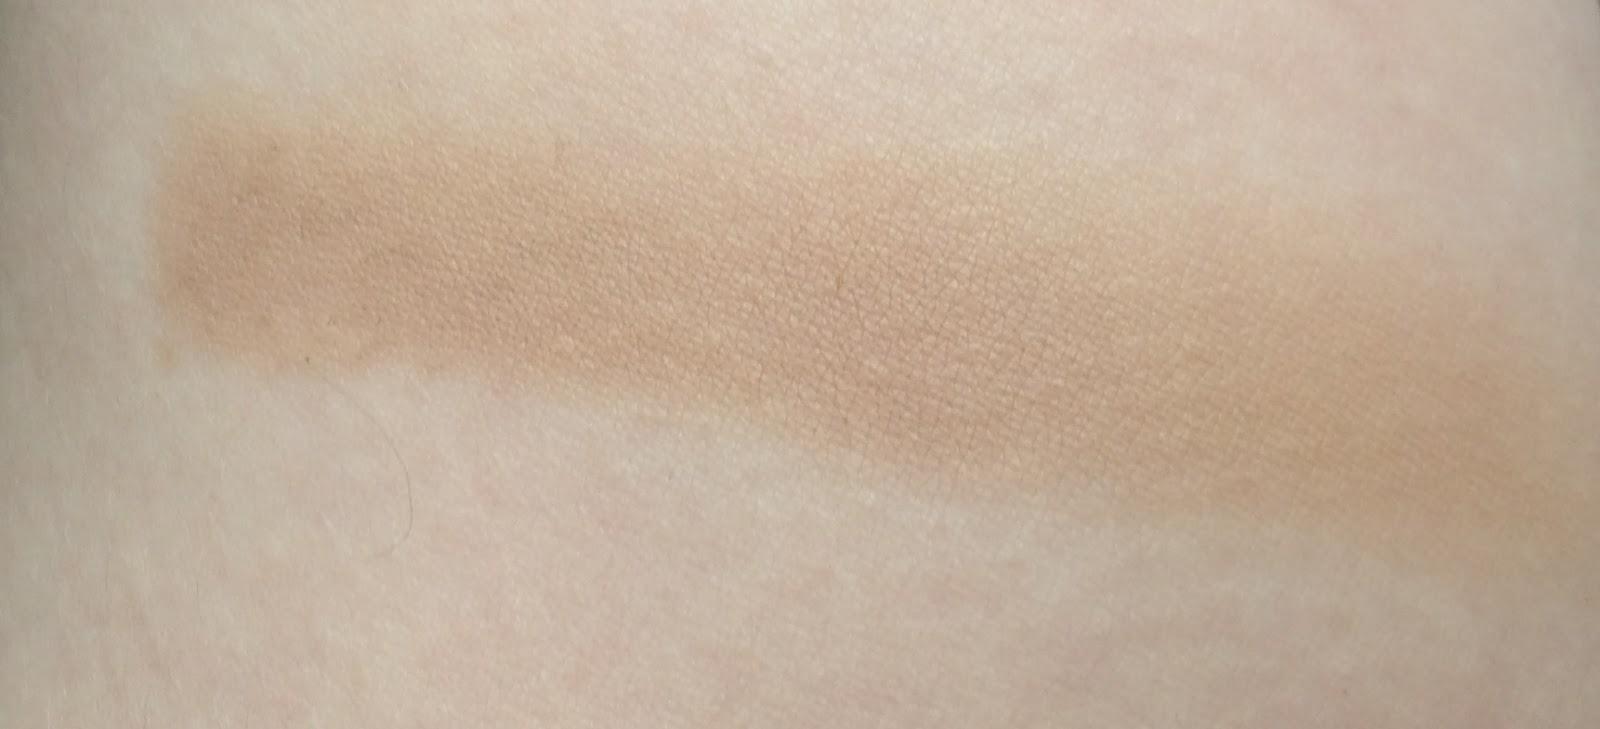 Illamasqua Hollow Cream Pigment Contour Pale